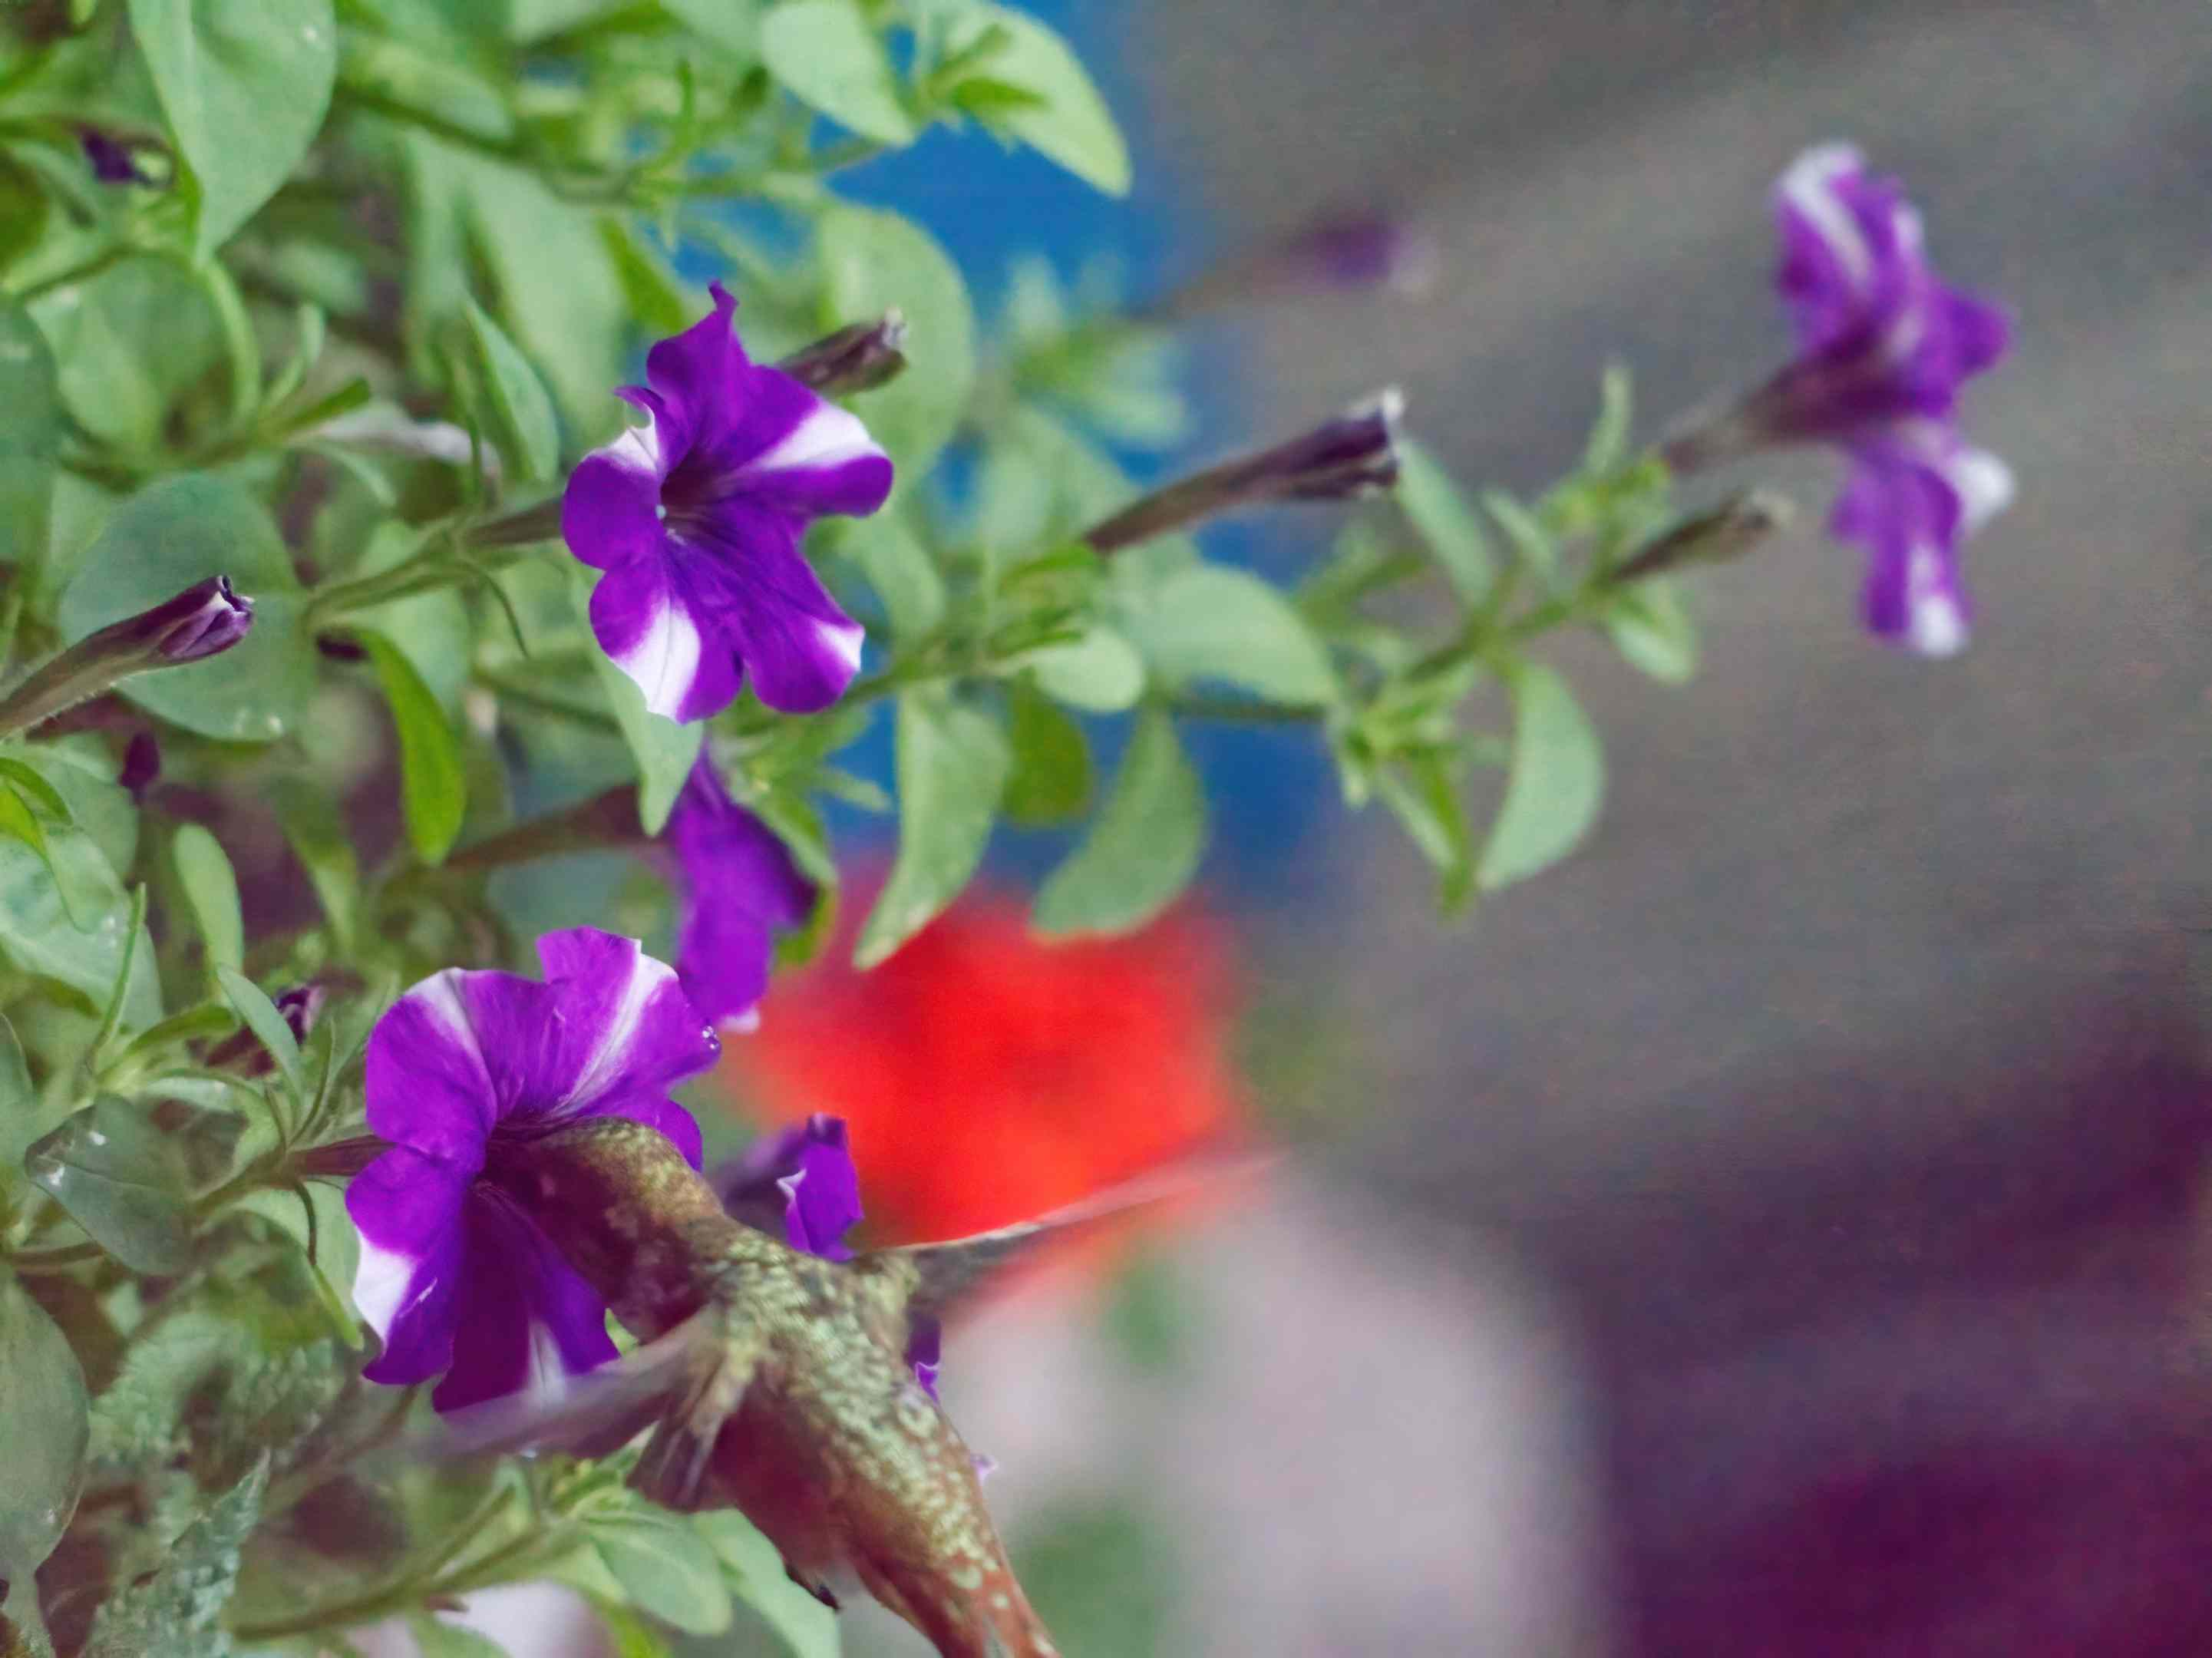 greenish hummingbird sticks beak in purple and white morning glory flower